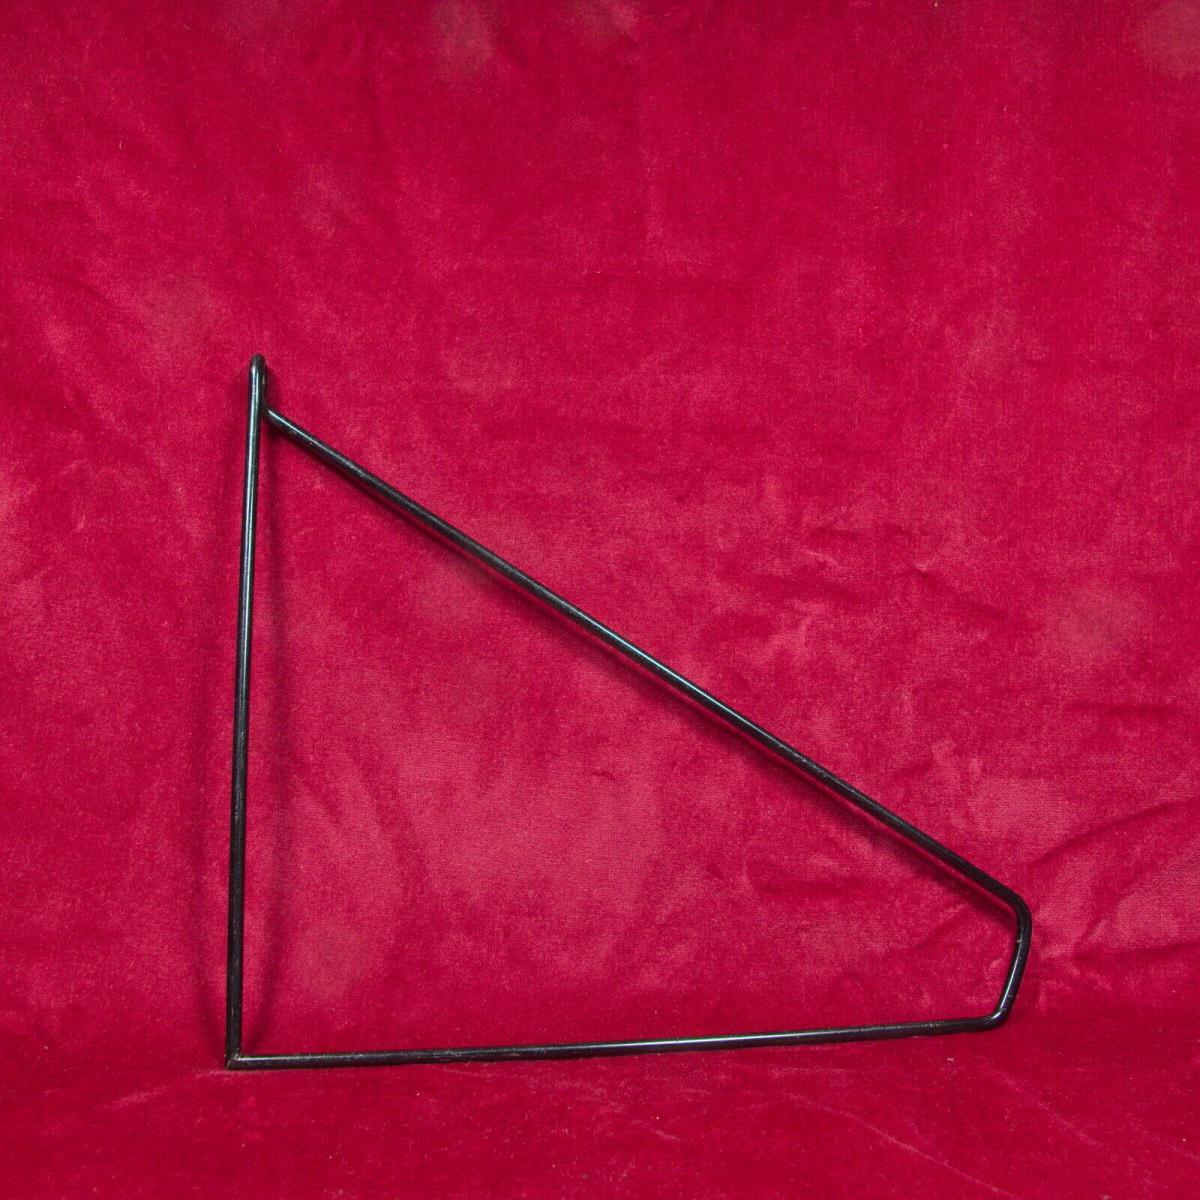 Bodenhalter leiter schwarz für altes stringregal string seitenteil 60er jahre #1 0